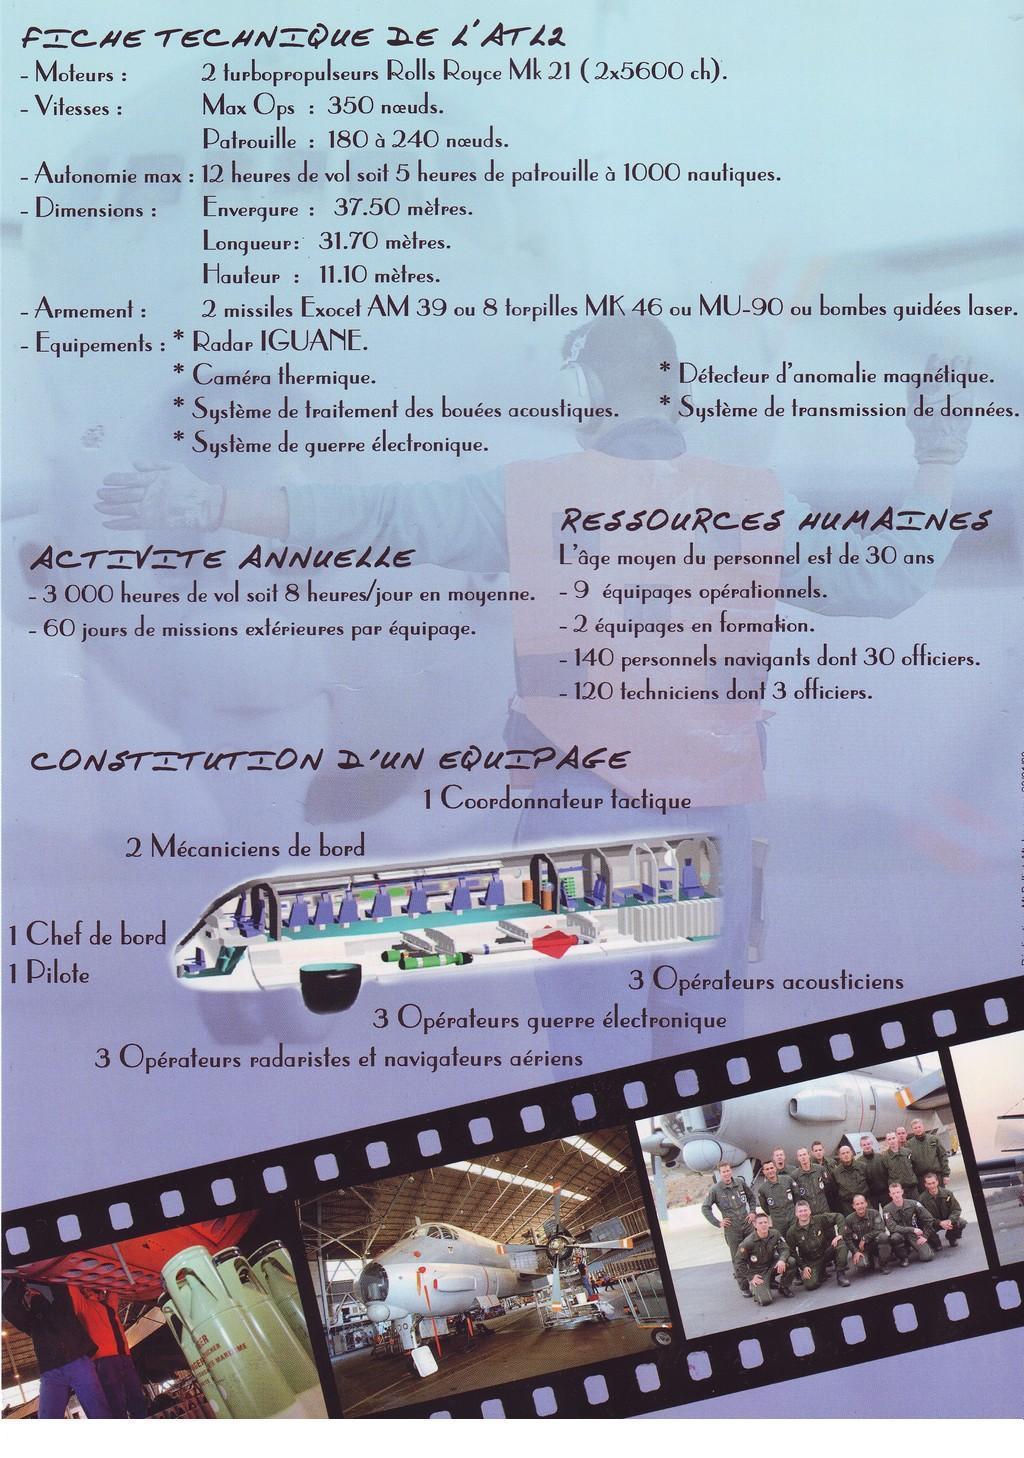 FLOTTILLE 21 F - Page 6 Plaque17